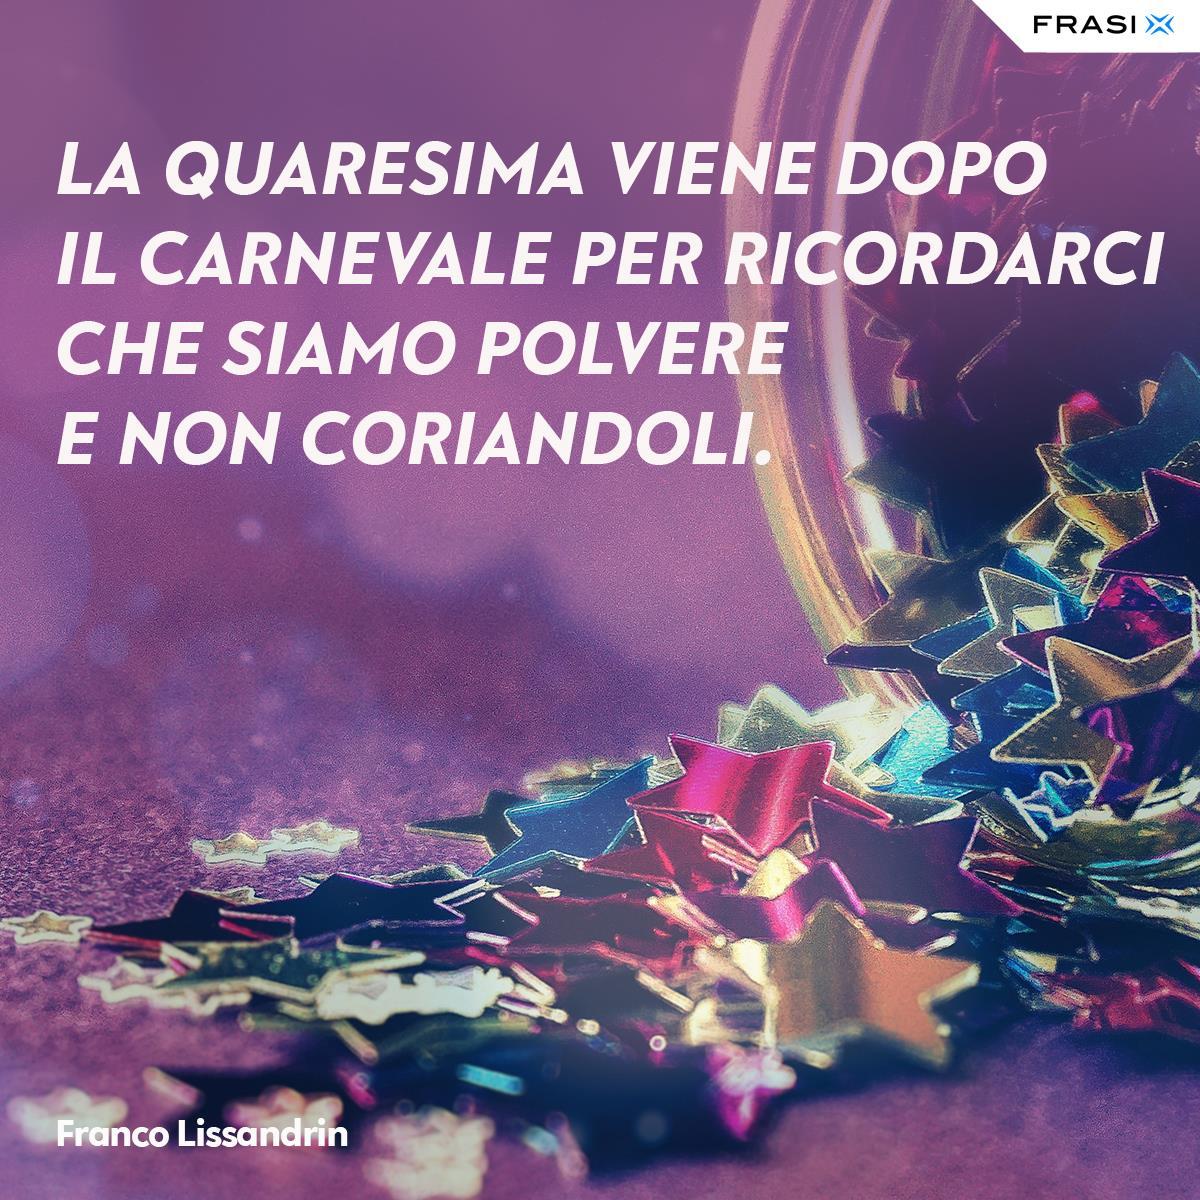 Frasi celebri sul Carnevale Franco Lissandrin